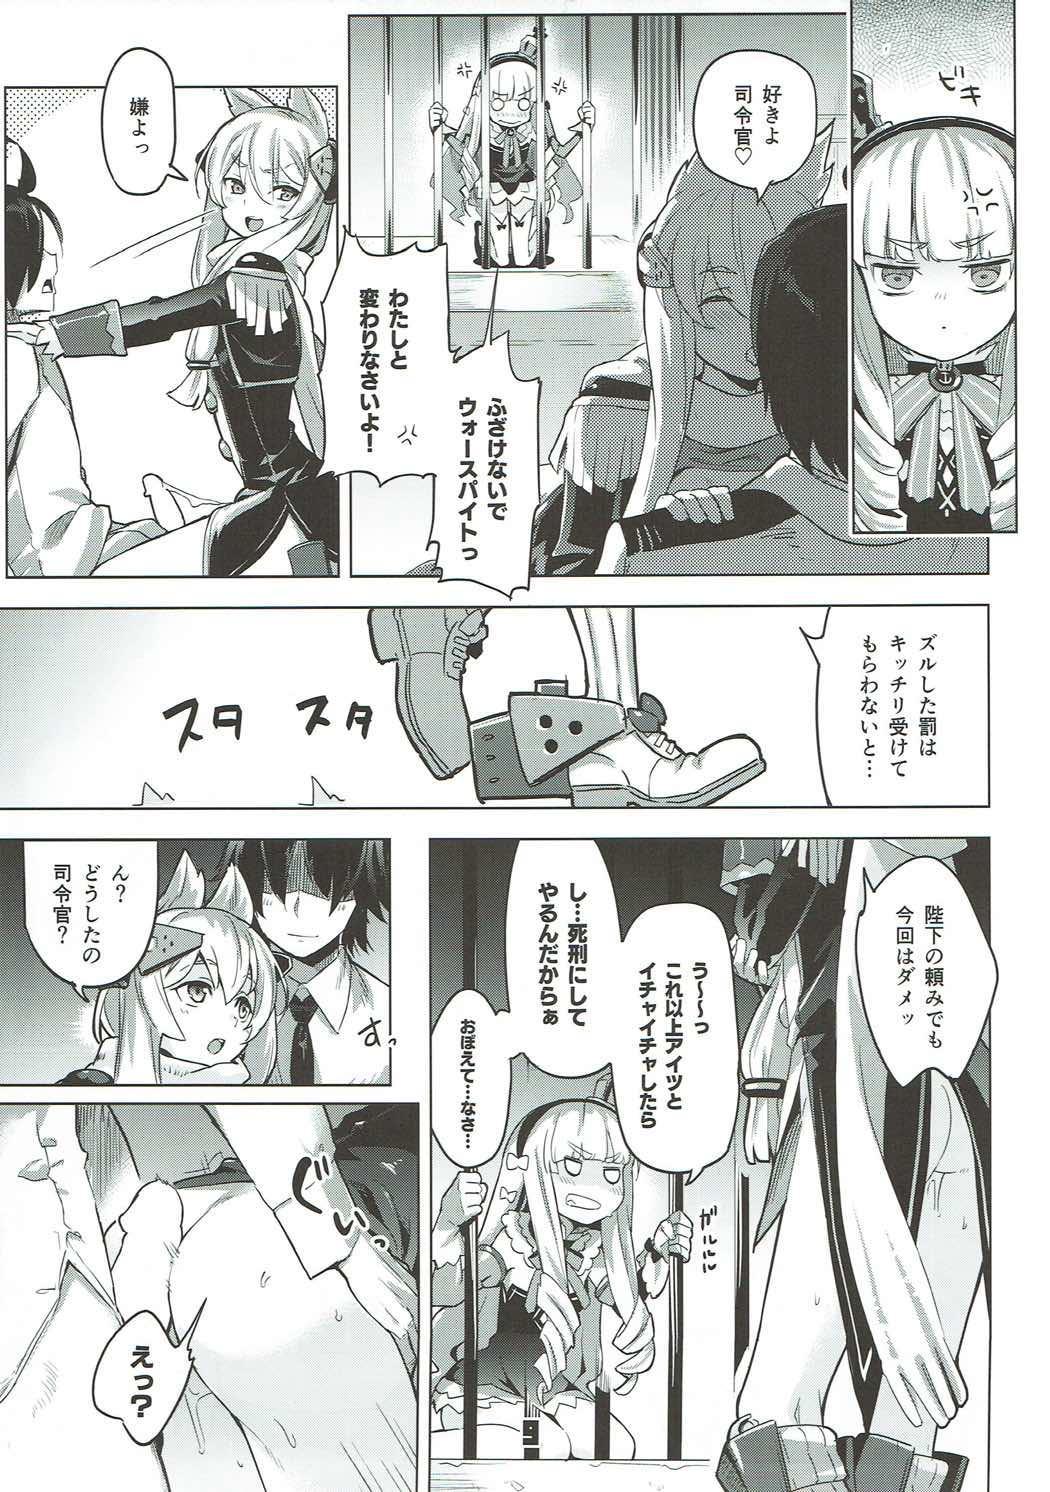 Kinpatsu Manaita no Template 7